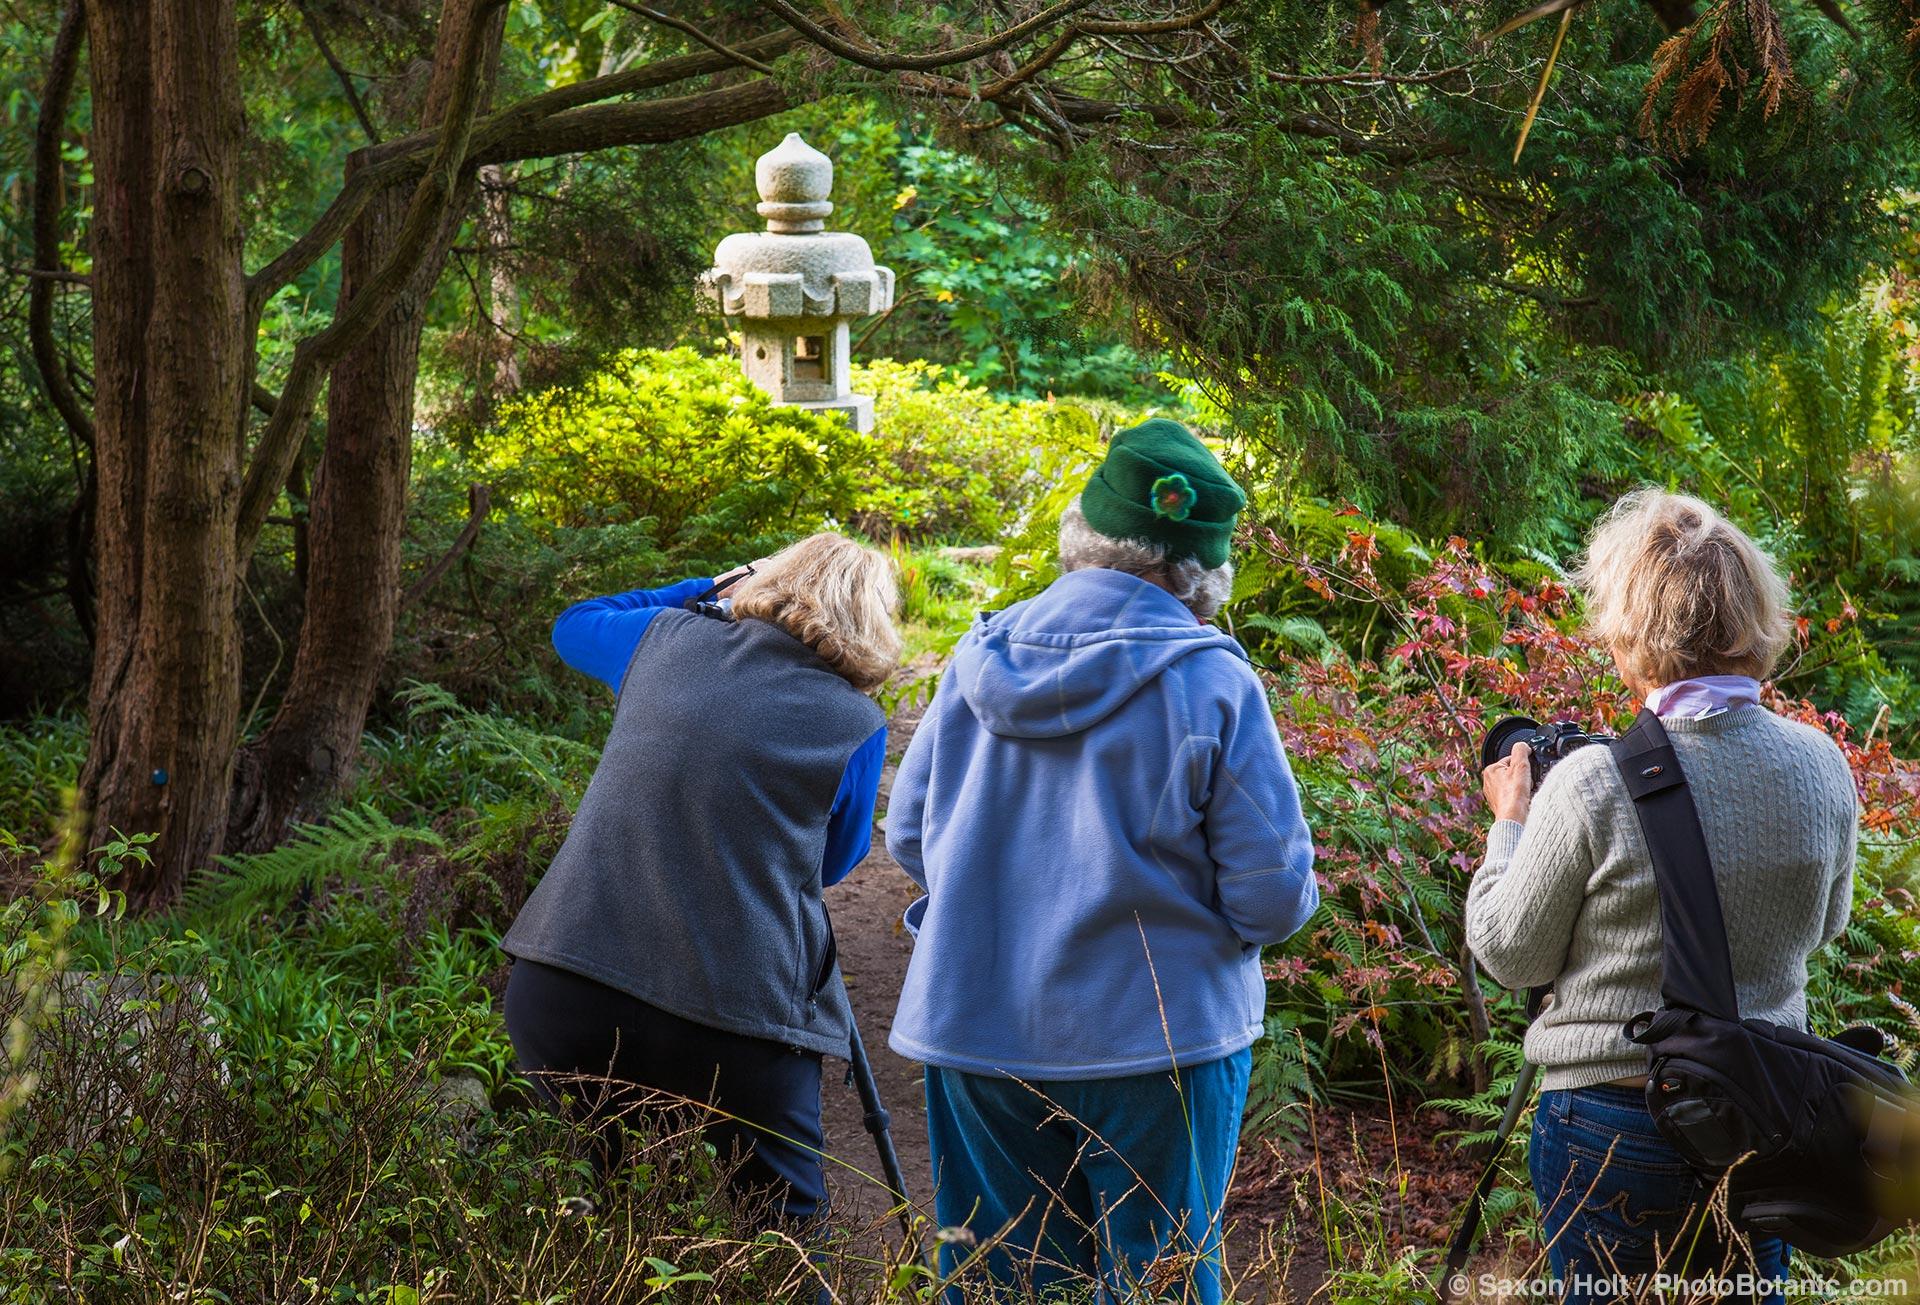 Photo workshop Mon Oct 4 2010